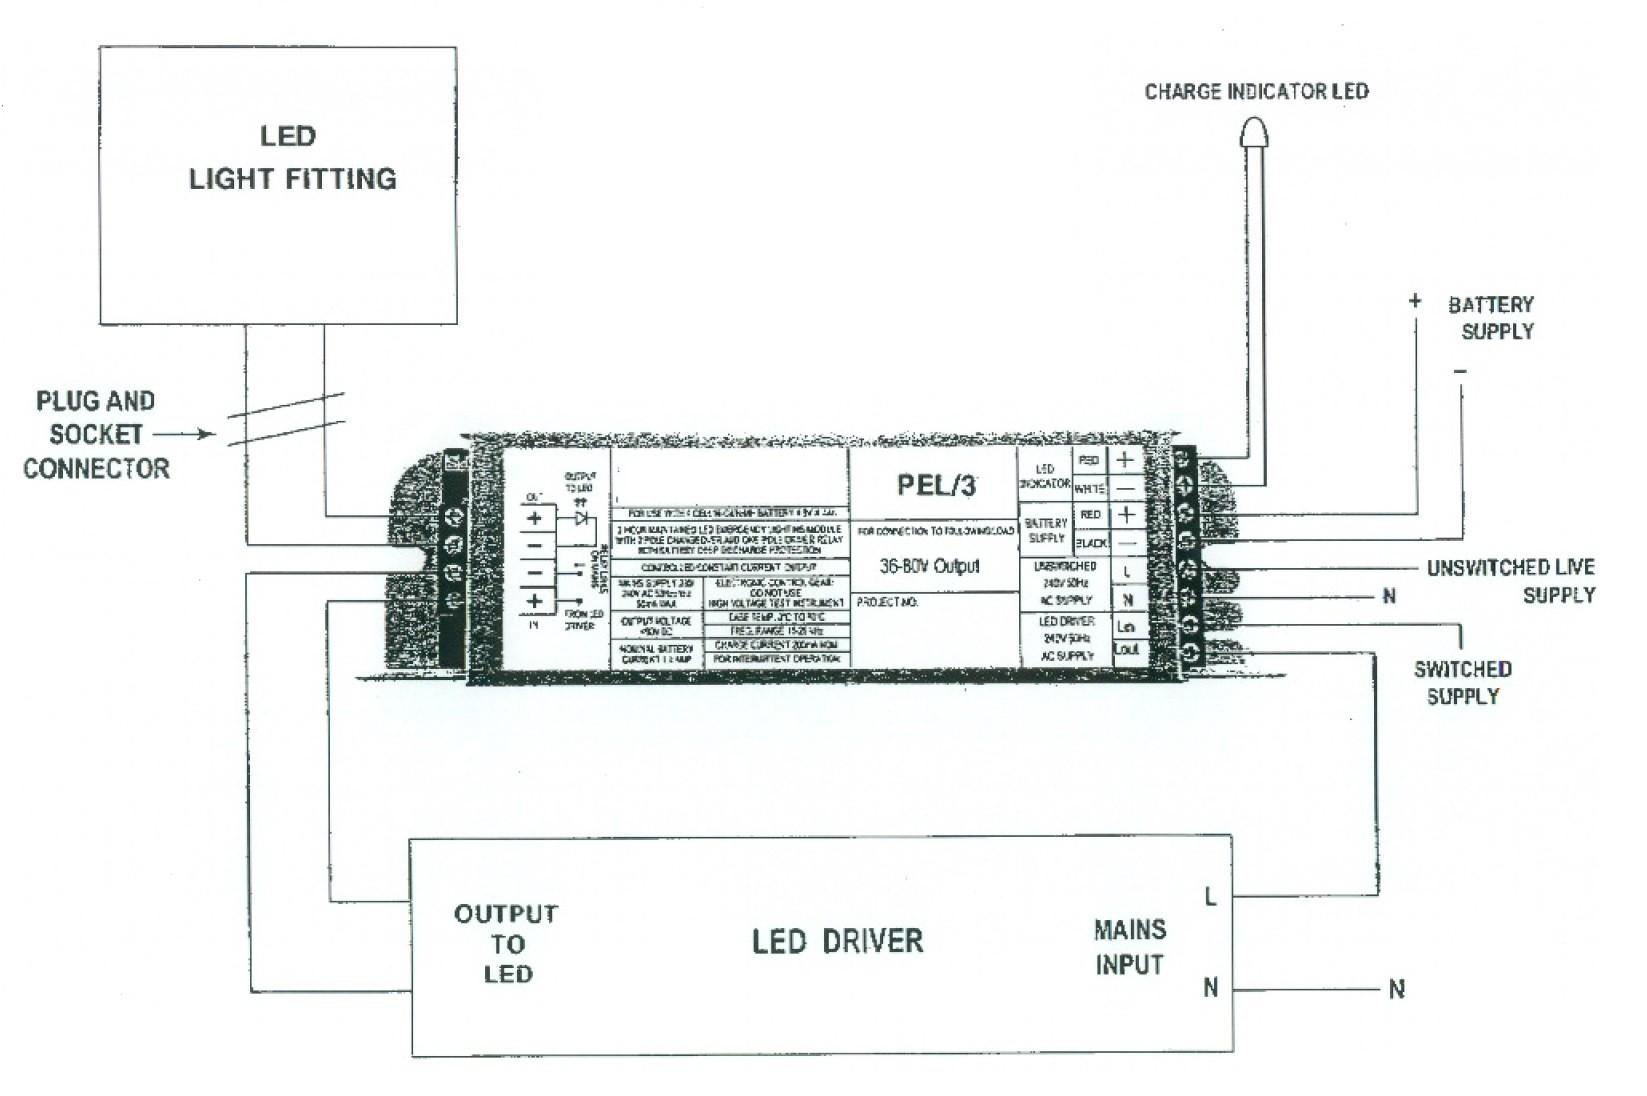 basic elec downlights wiring diagrams wiring diagram schematicsbasic elec downlights wiring diagrams wiring diagrams scematic basic elec downlights wiring diagrams